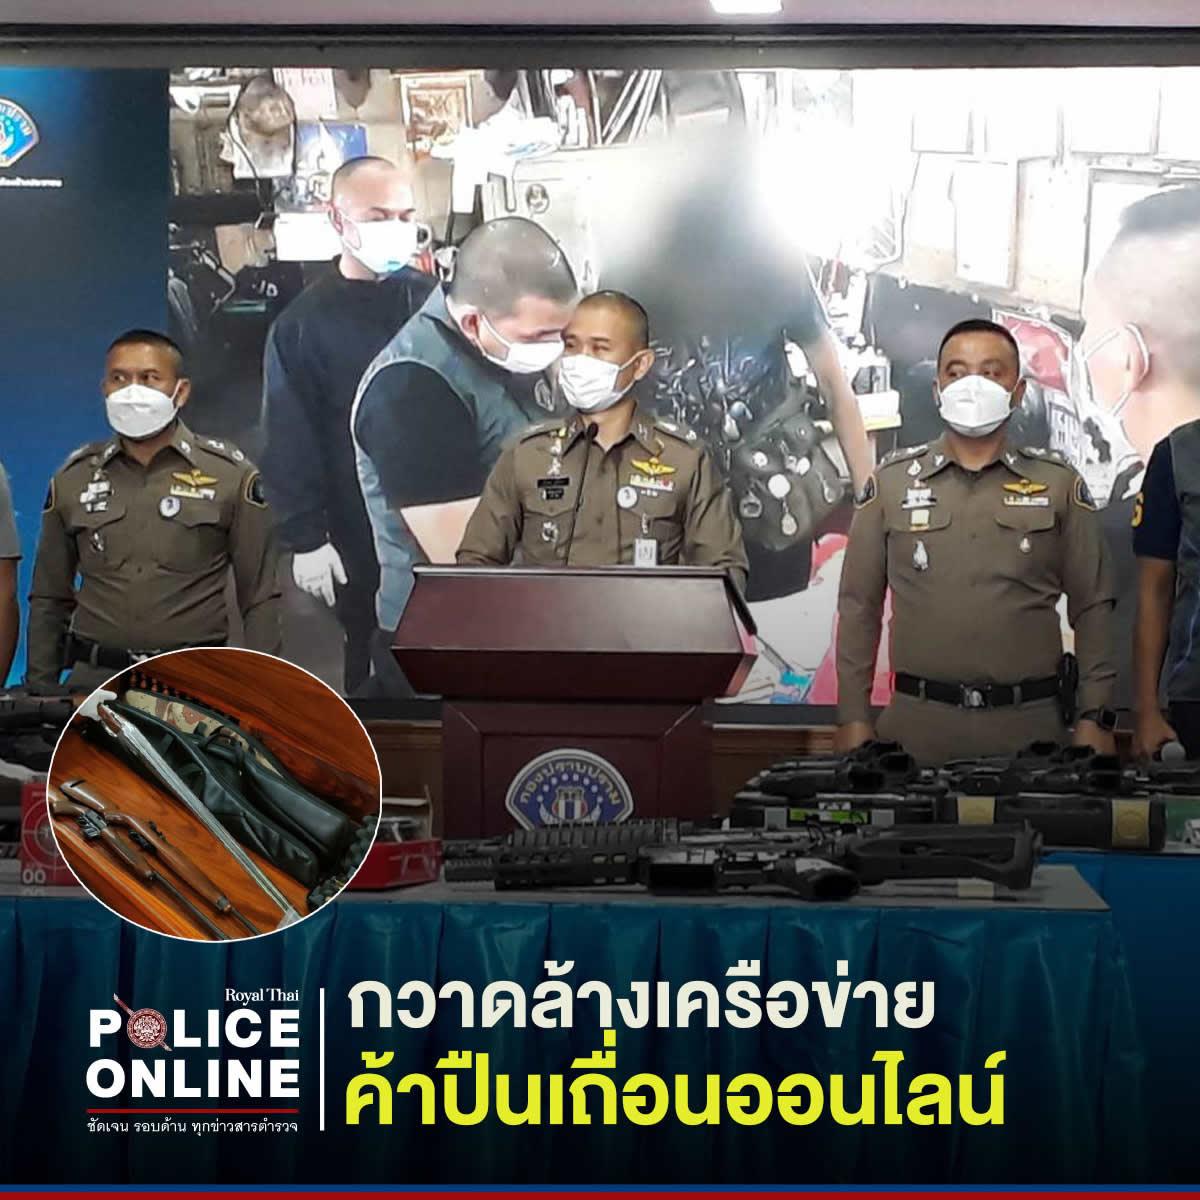 タイ警察犯罪抑止局、銃の違法オンライン販売を大規模摘発